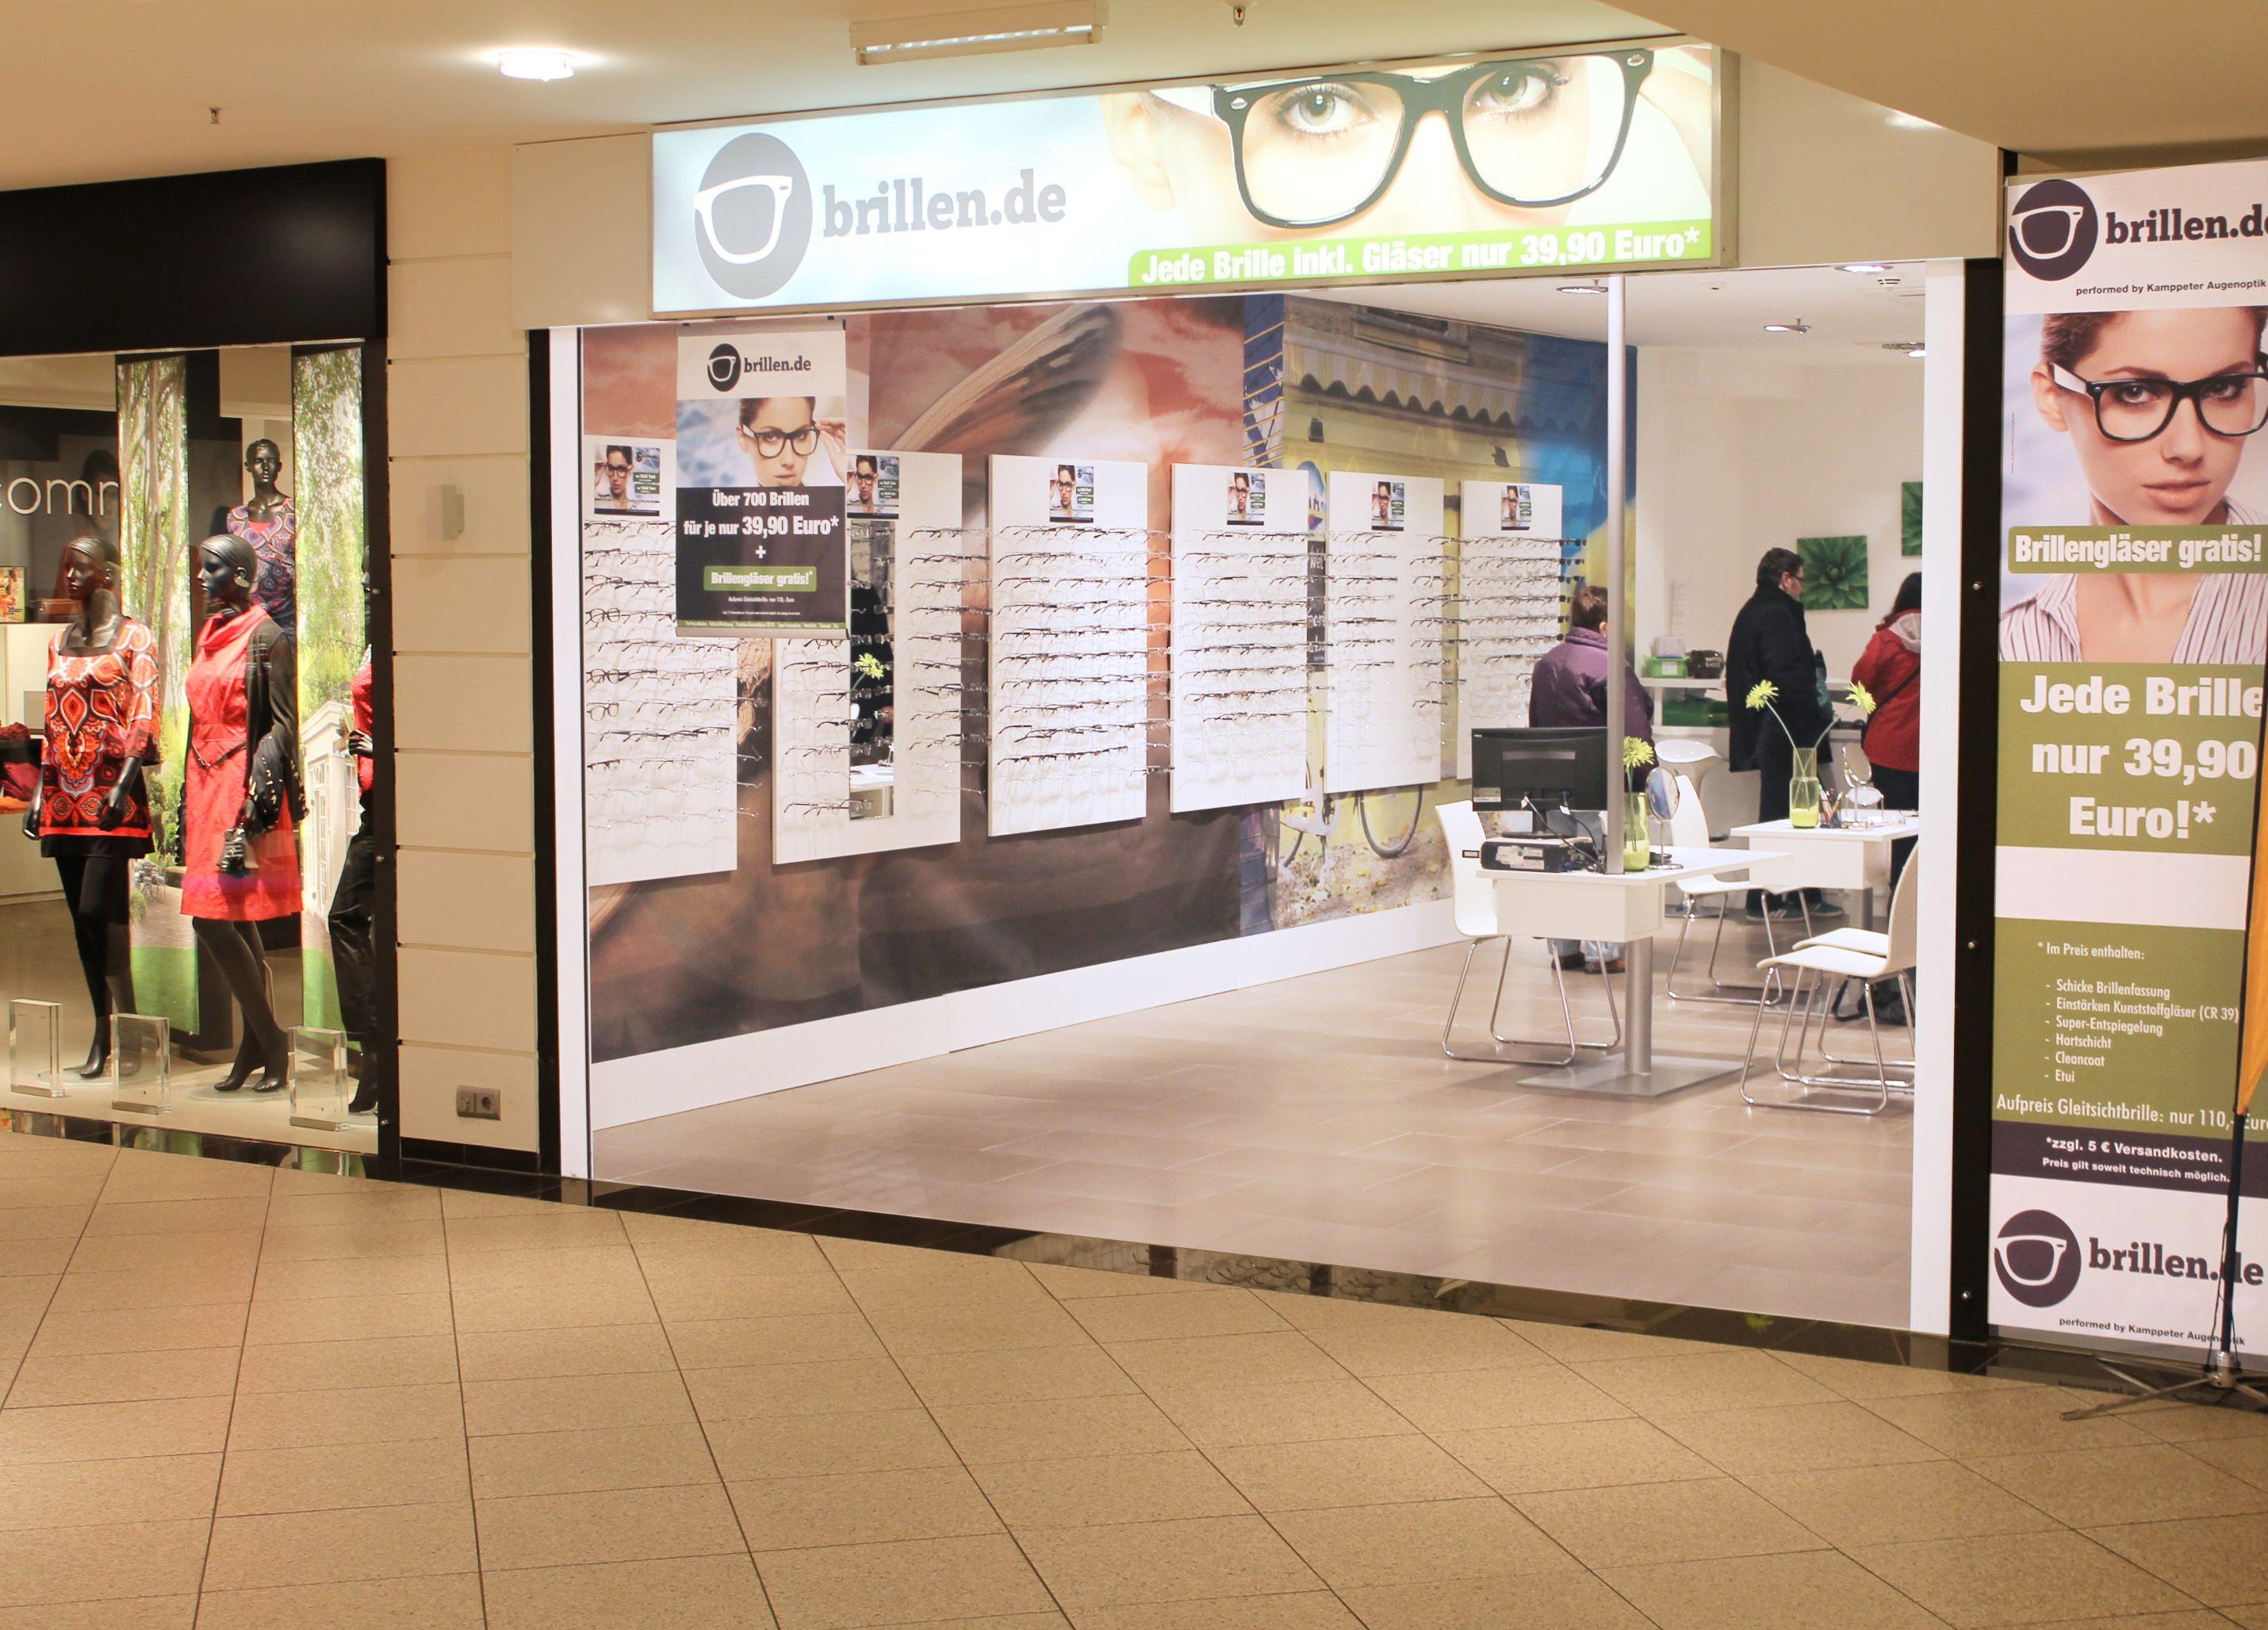 Unsere brillen.de-Filiale in Hallstadt freut sich auf dein Besuch ...